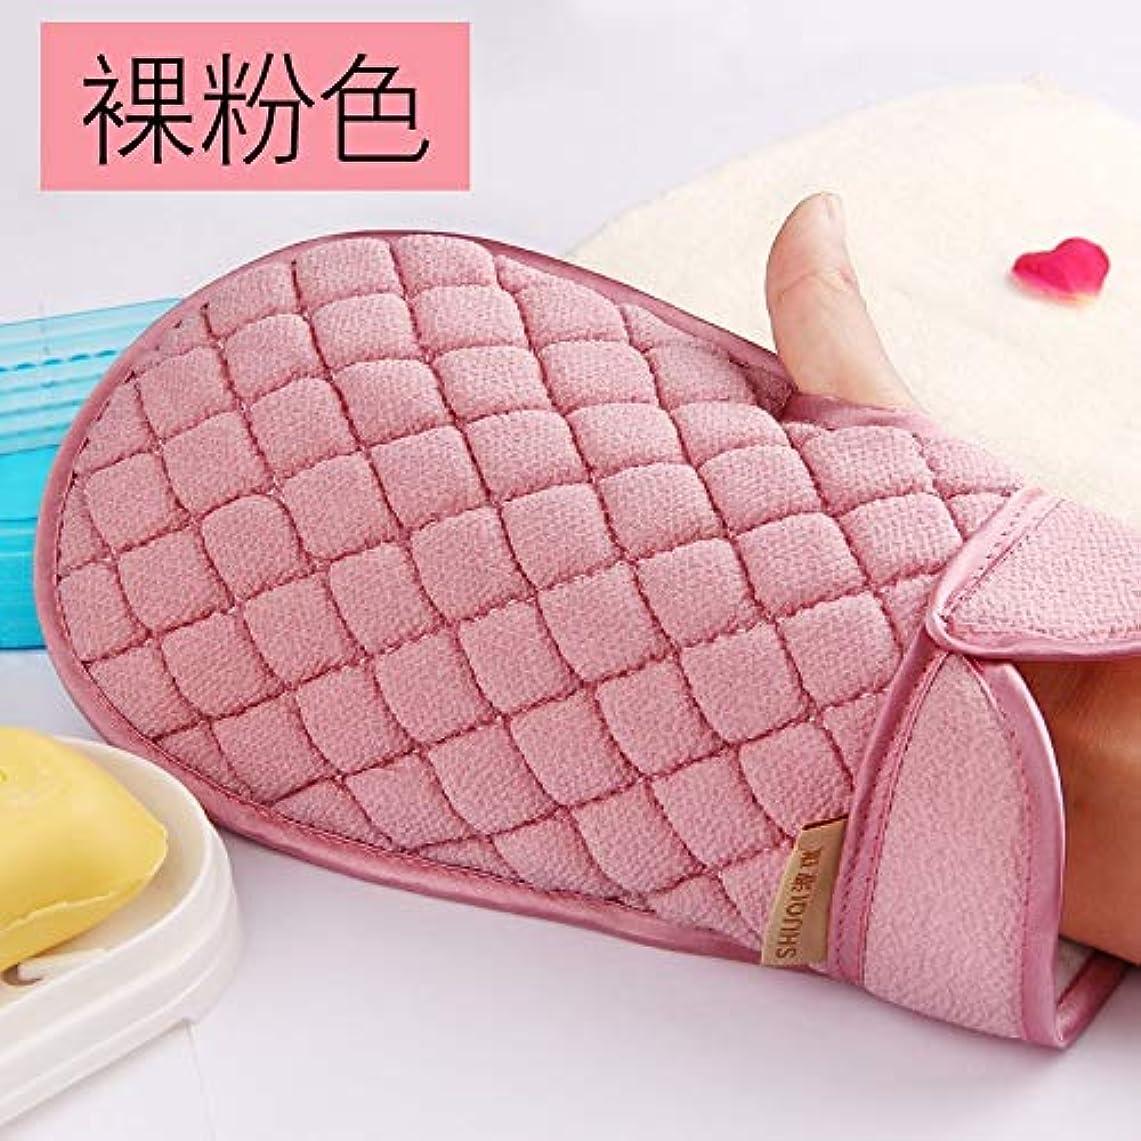 義務余剰ディレクターBTXXYJP シャワー手袋 お風呂用手袋 浴用手袋 あかすり手袋 ボディブラシ ボディタオル やわらか バス用品 男女兼用 角質除去 (Color : Pink)